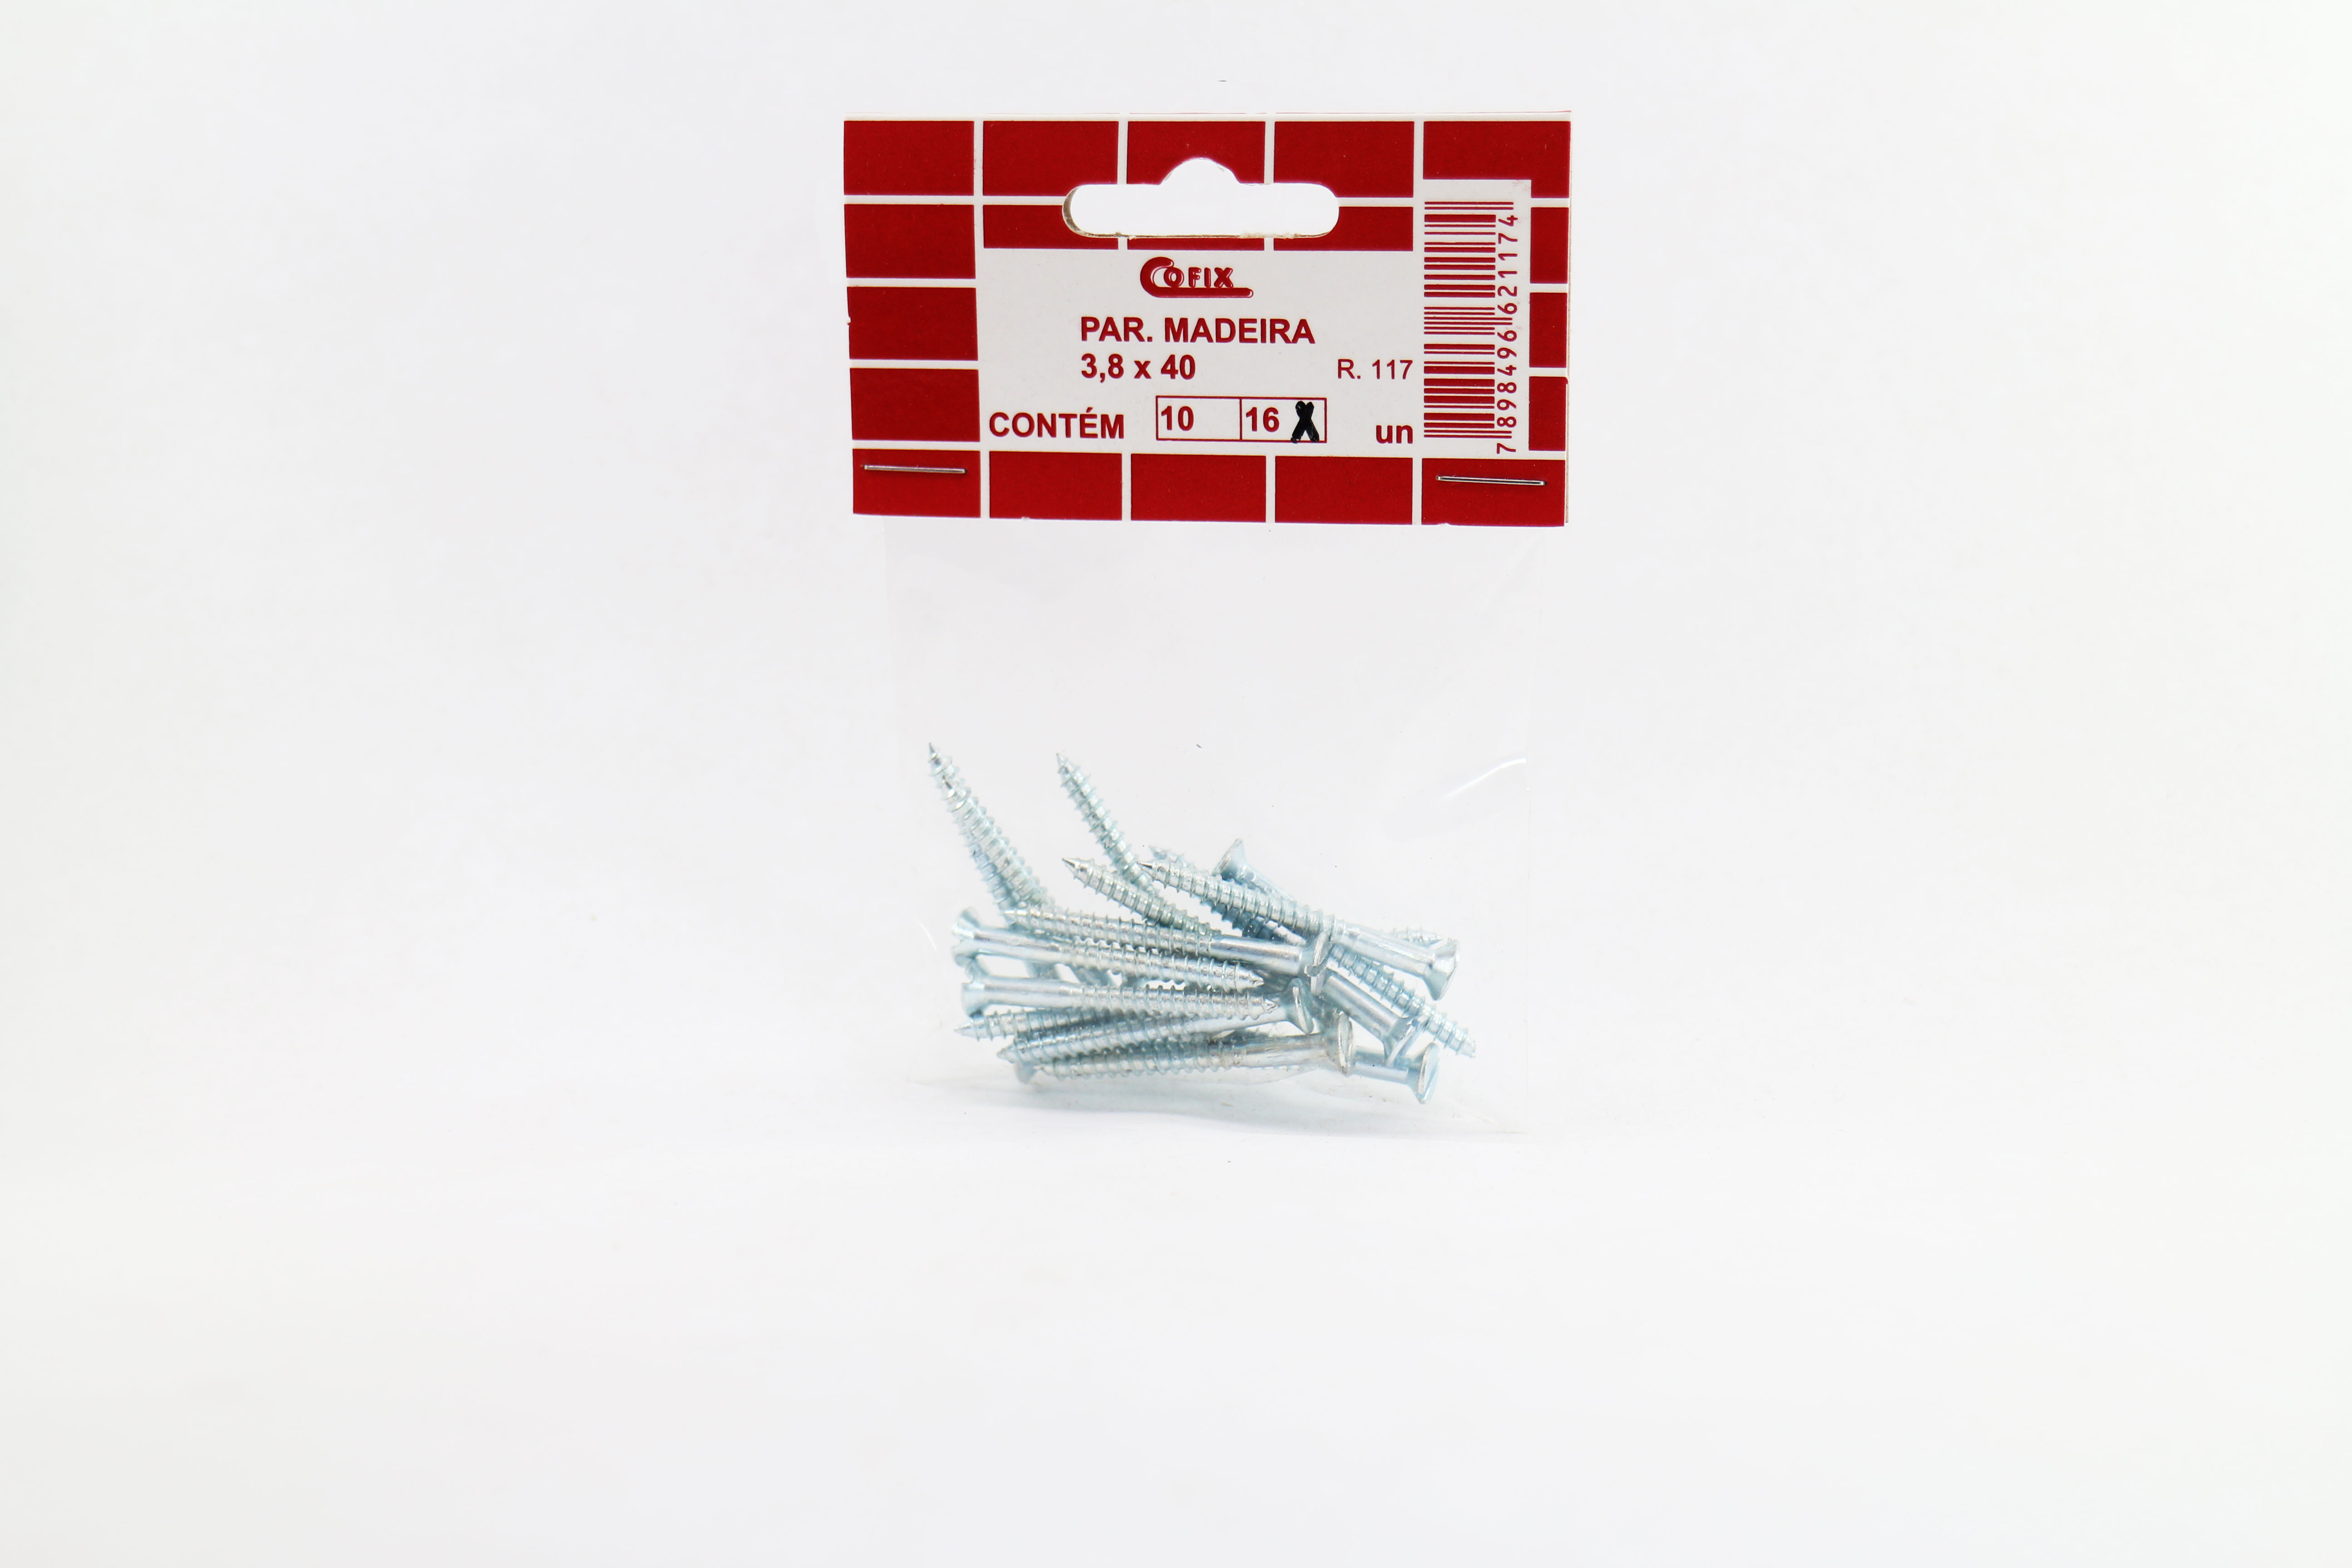 Cartela de Parafuso Madeira 3,8x40 16un Cofix